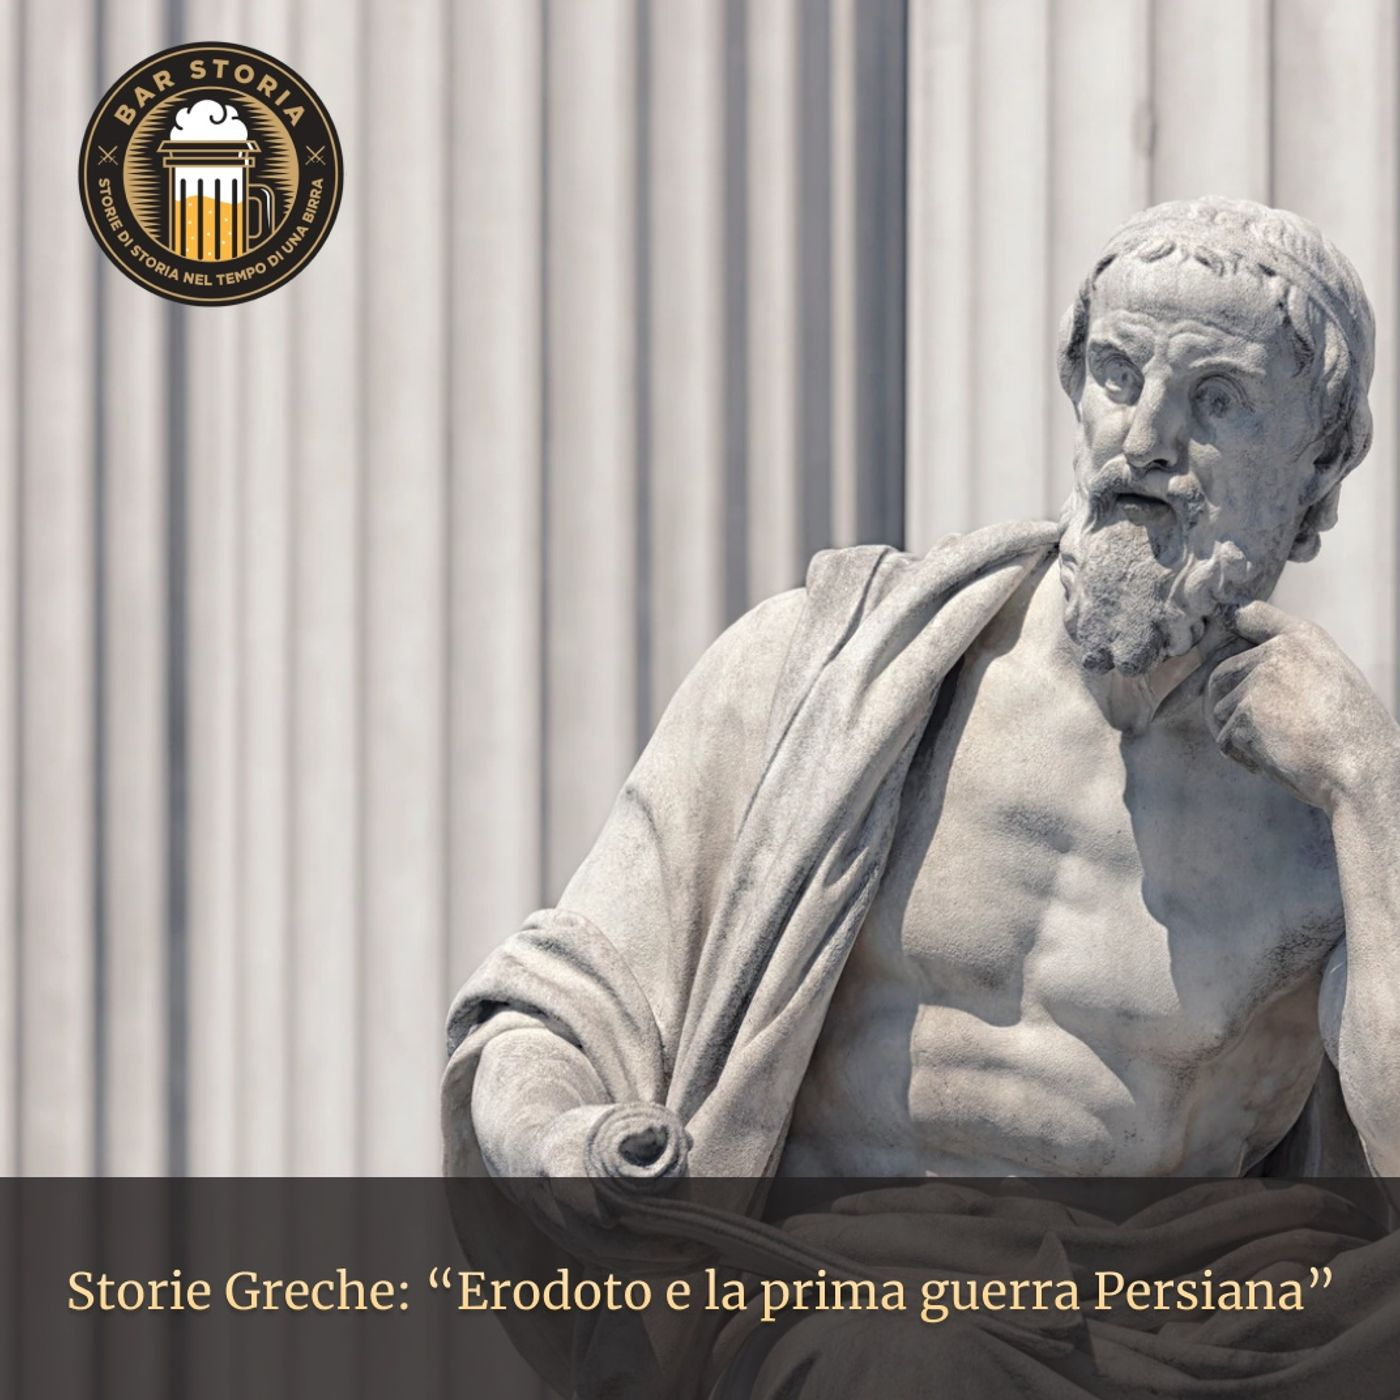 Storie Greche - Erodoto e la prima guerra persiana